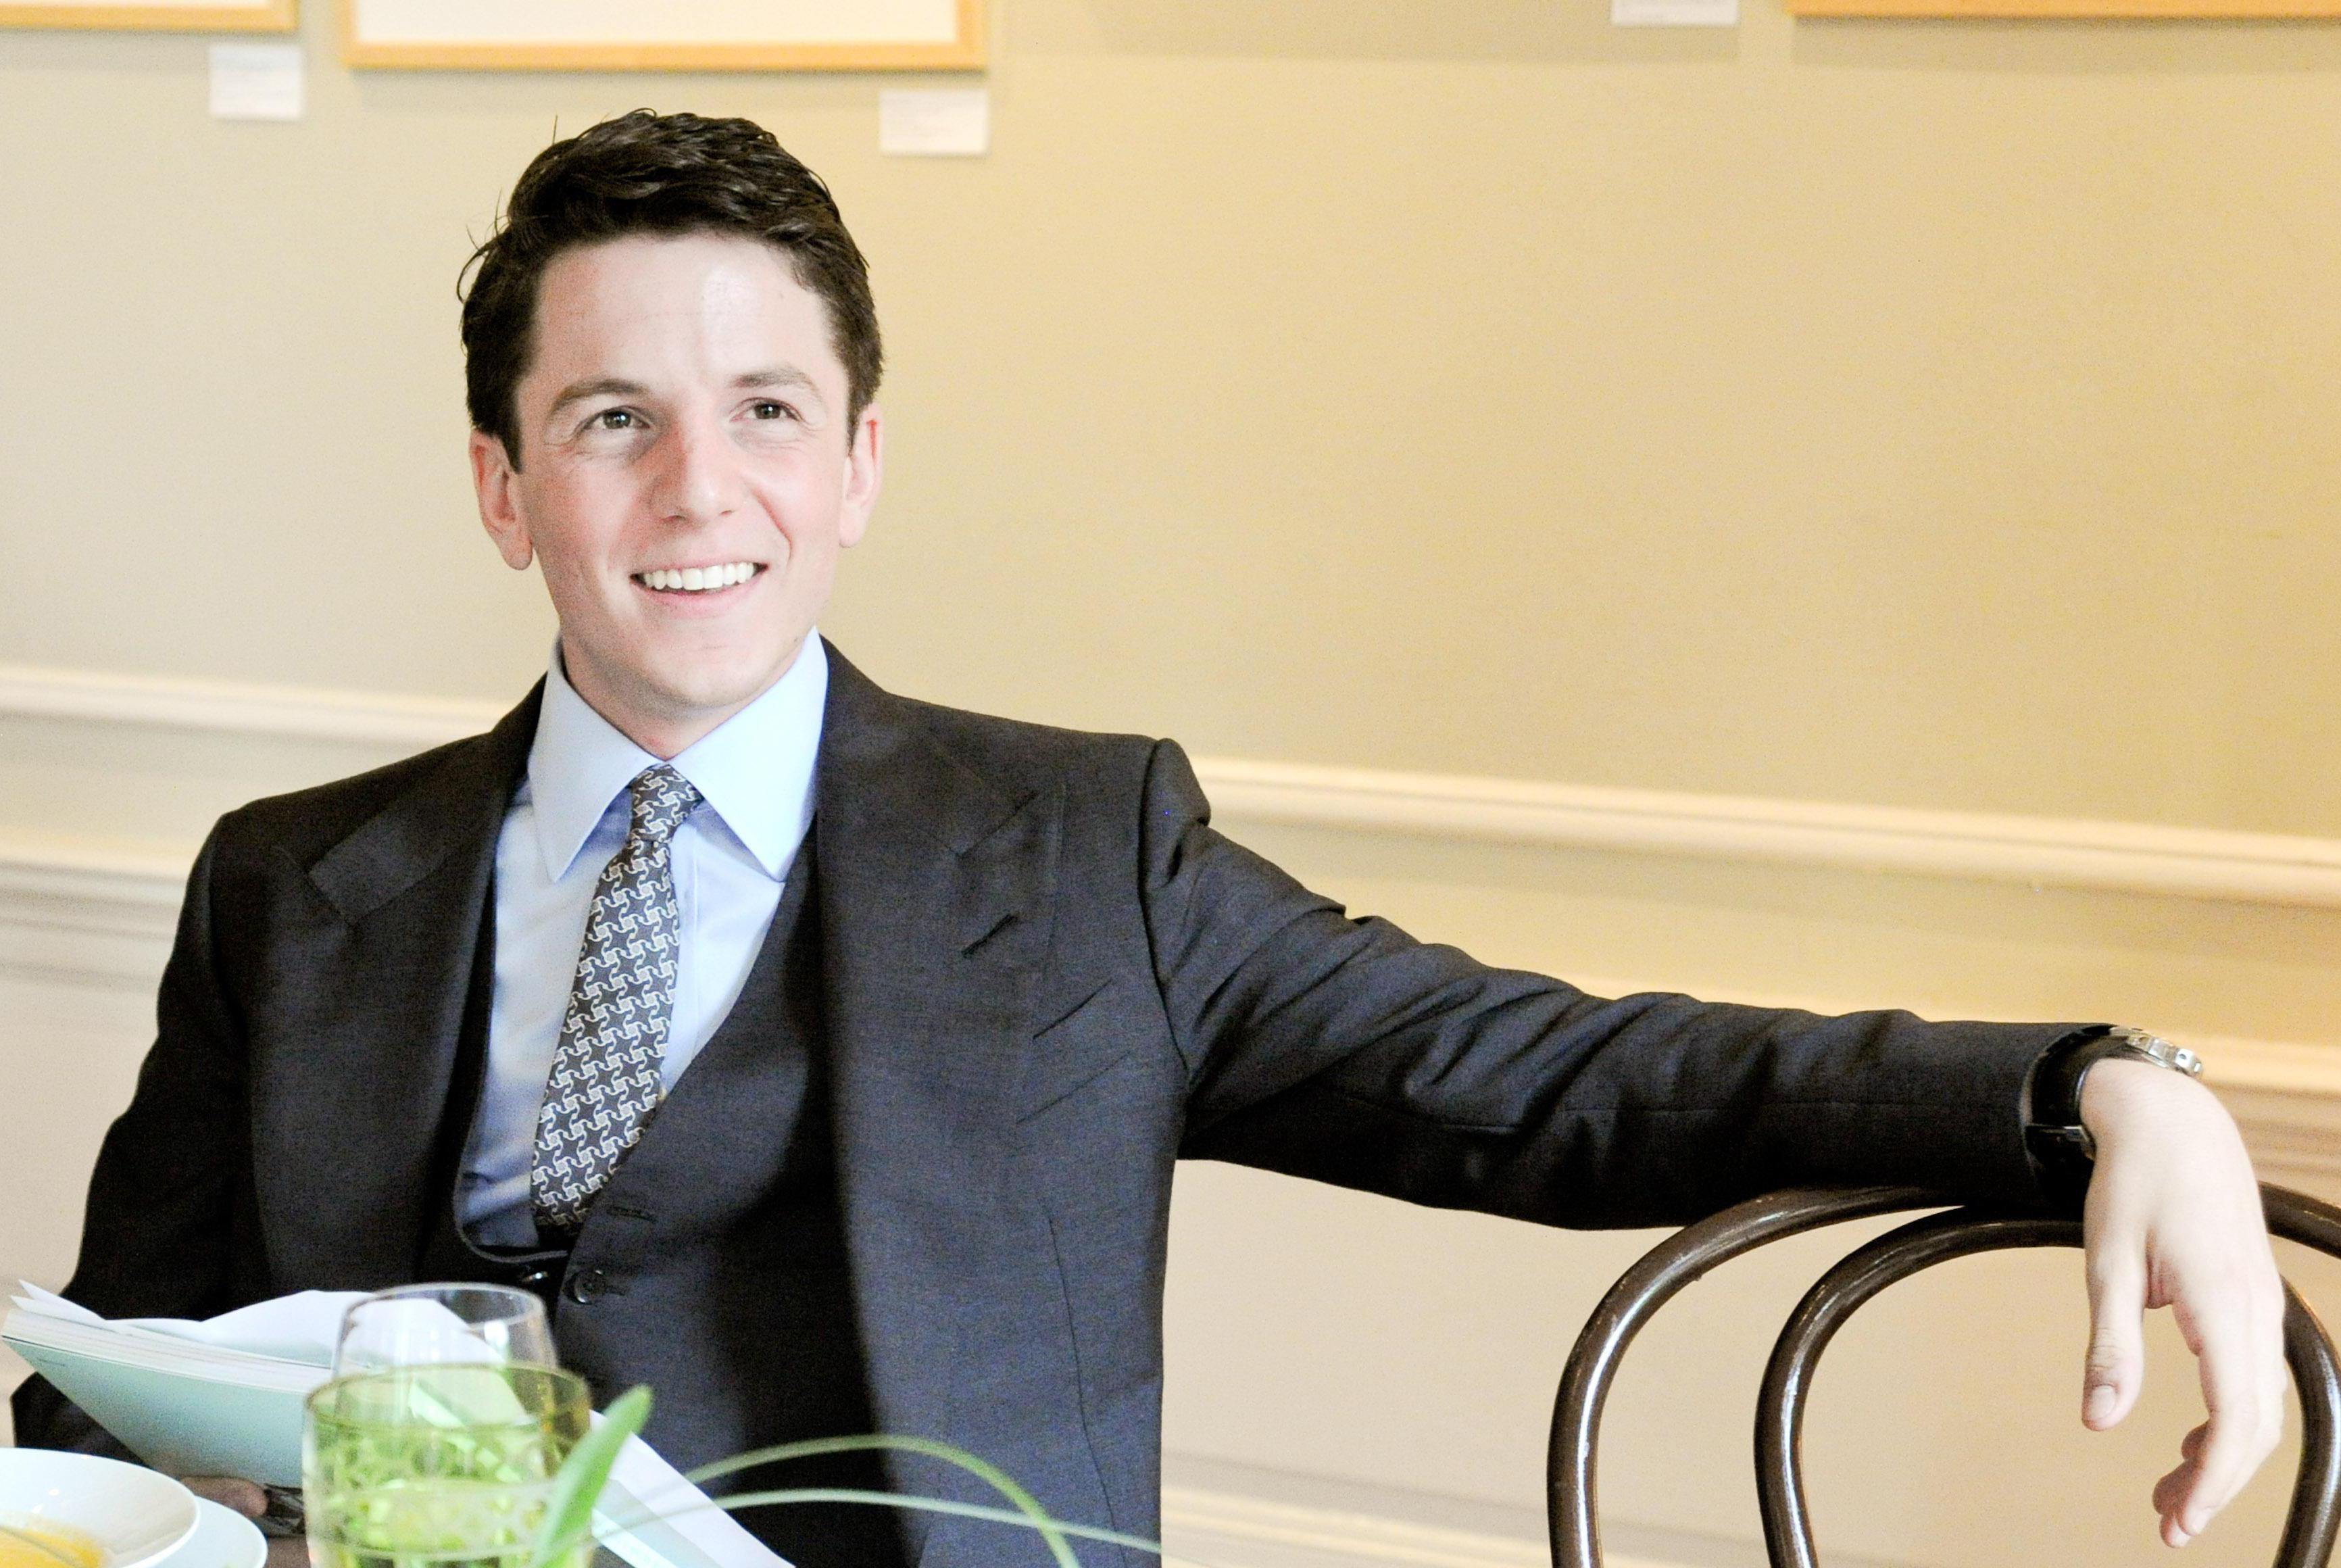 少年成名的奢侈品鉴定专家 Matt Rubinger